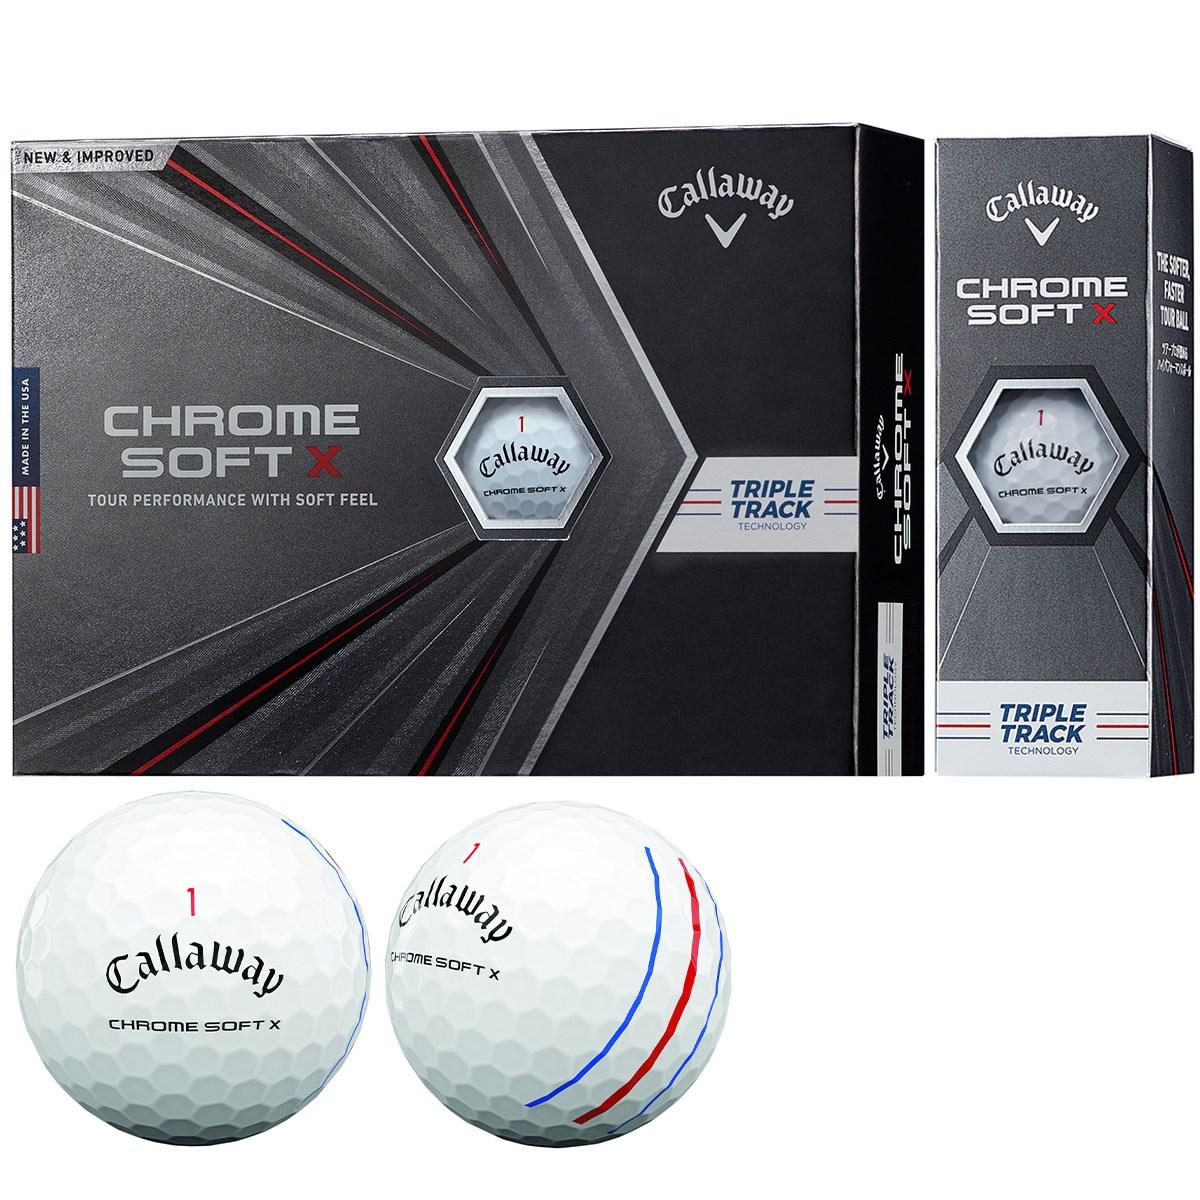 キャロウェイゴルフ CHROM SOFT CHROME SOFT X ボール 1ダース(12個入り) ホワイト(トリプルトラック)